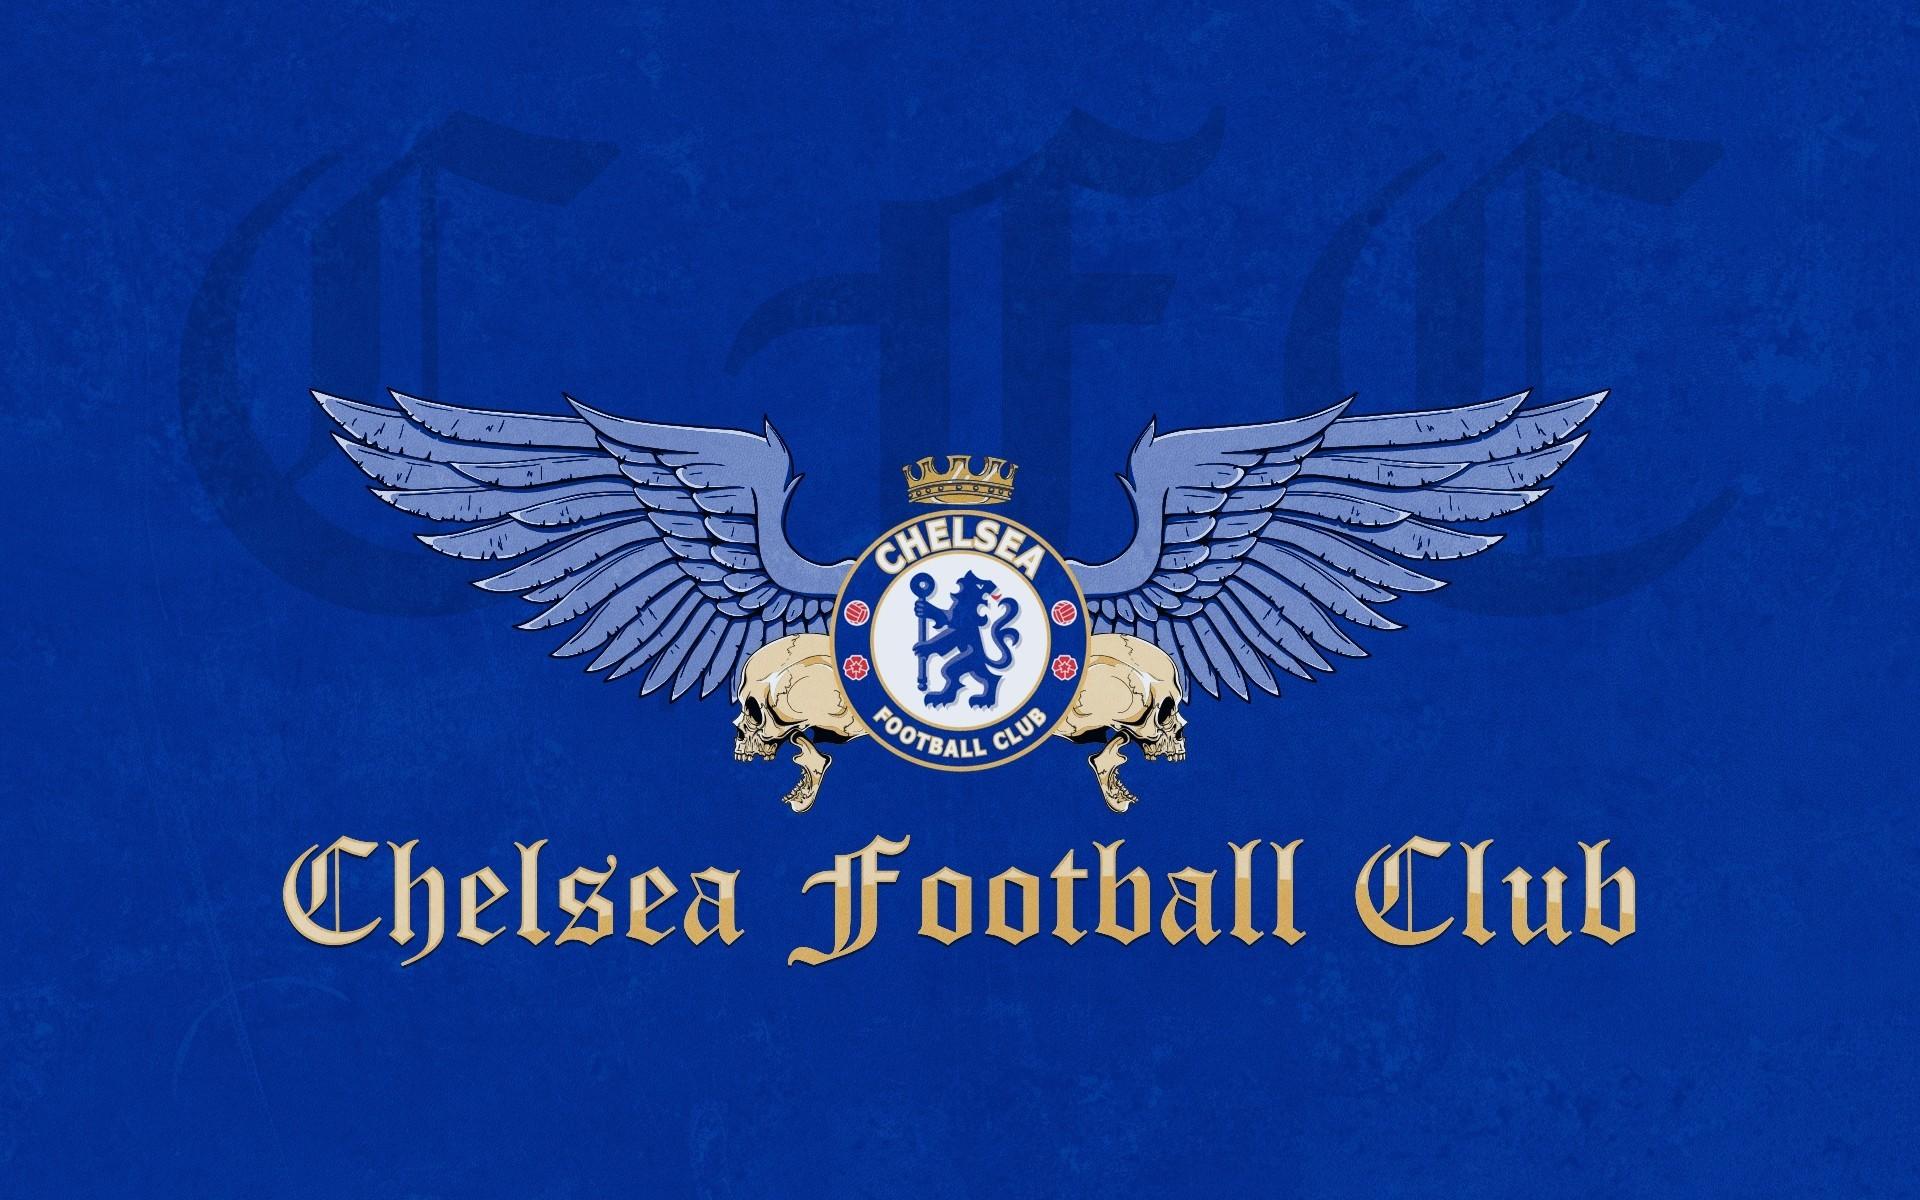 Chelsea FC hd photos